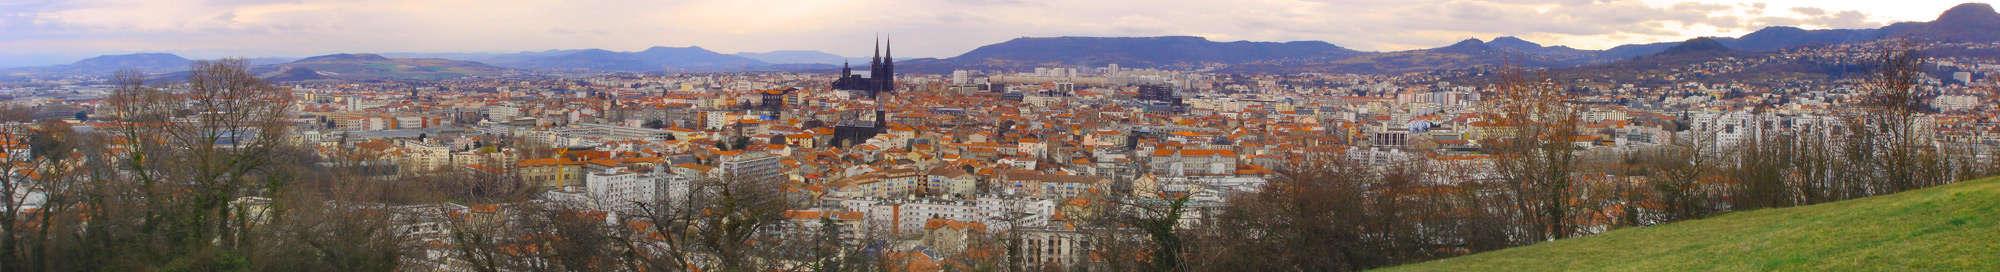 Week-end Vacances de Pâques à Clermont Ferrand